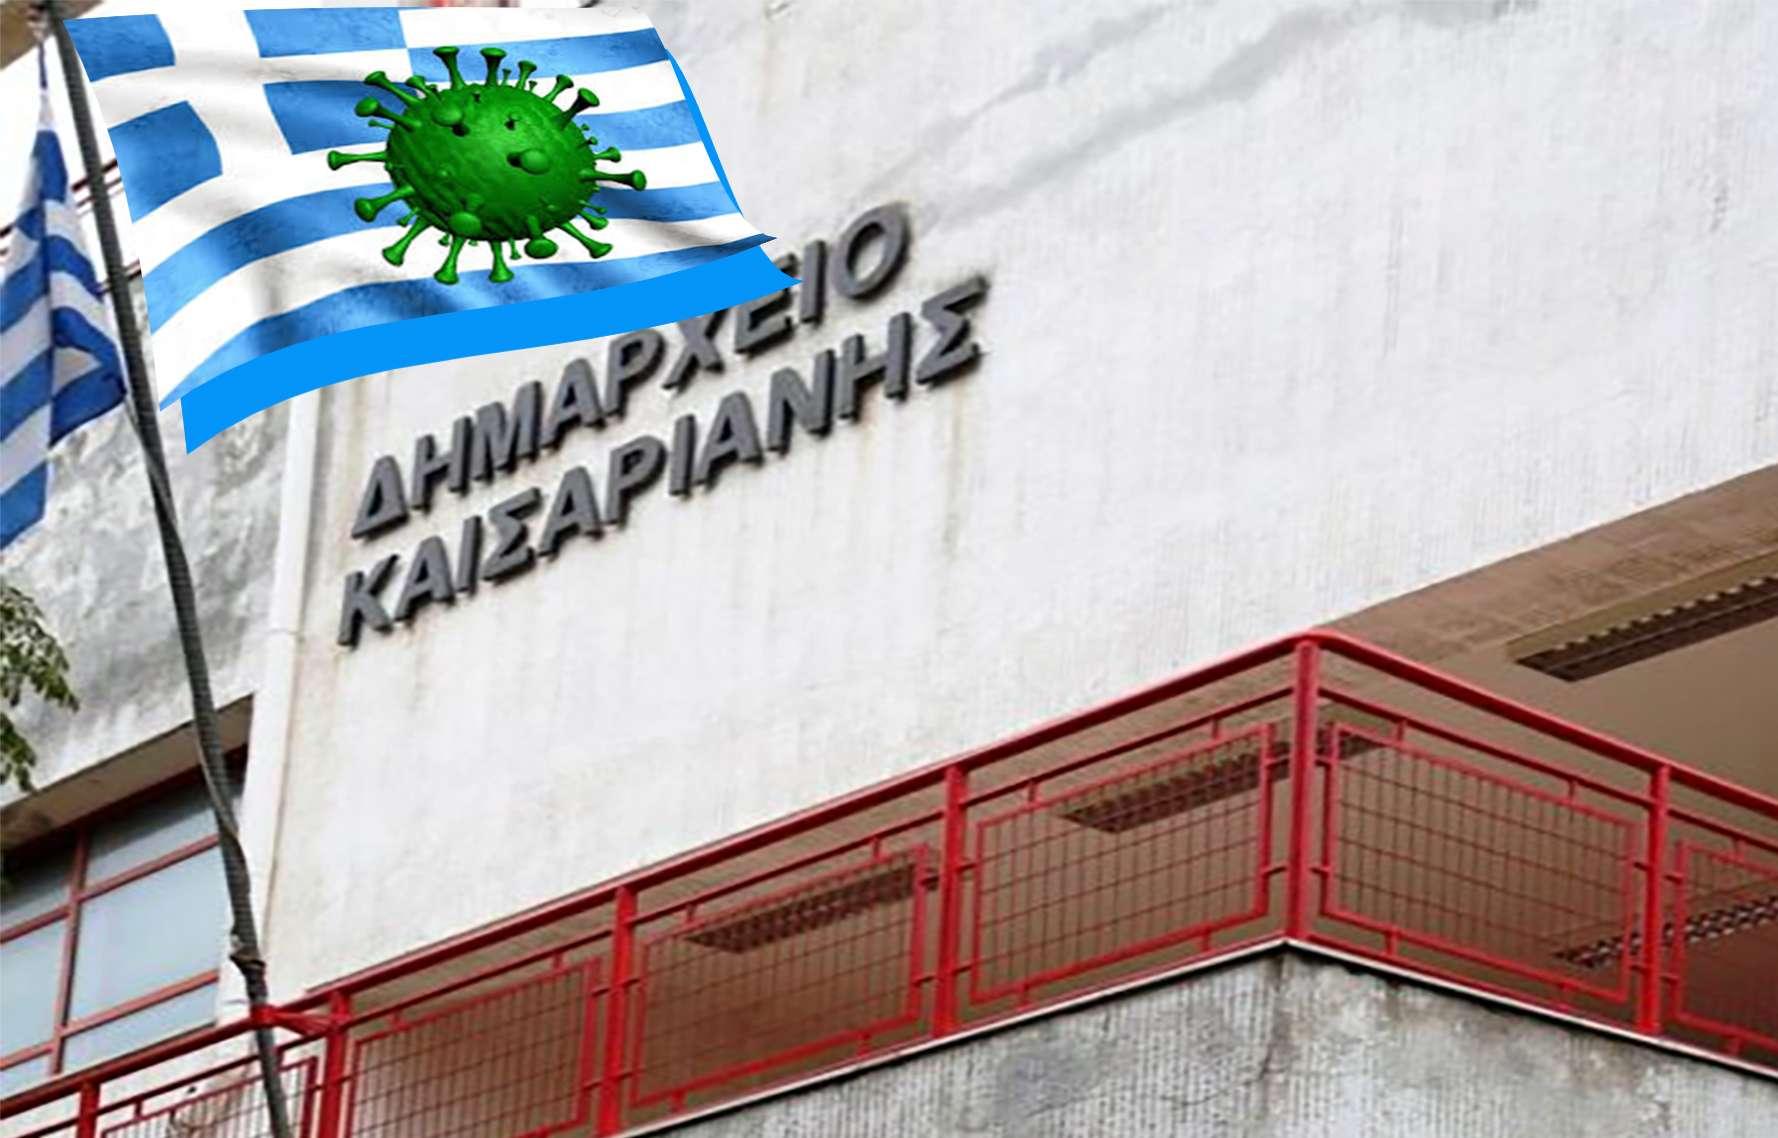 πανδημία στο δημαρχείο Καισαριανής και σε δομές της πόλης ο δήμαρχος Βοσκόπουλος συνεχίζει τις αθλιότητες